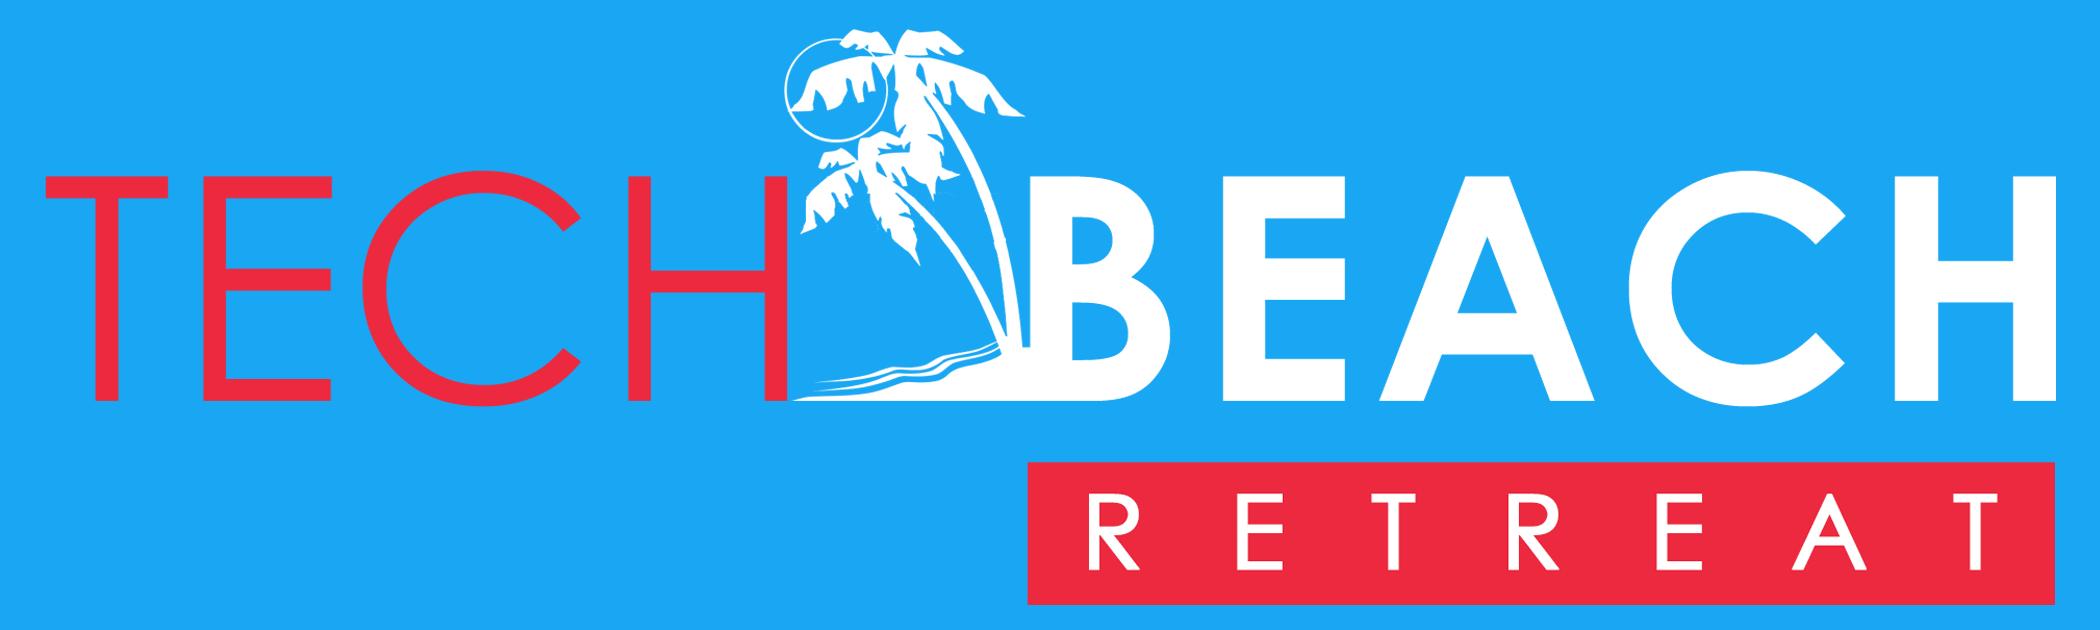 tech-beach-logo copy.png